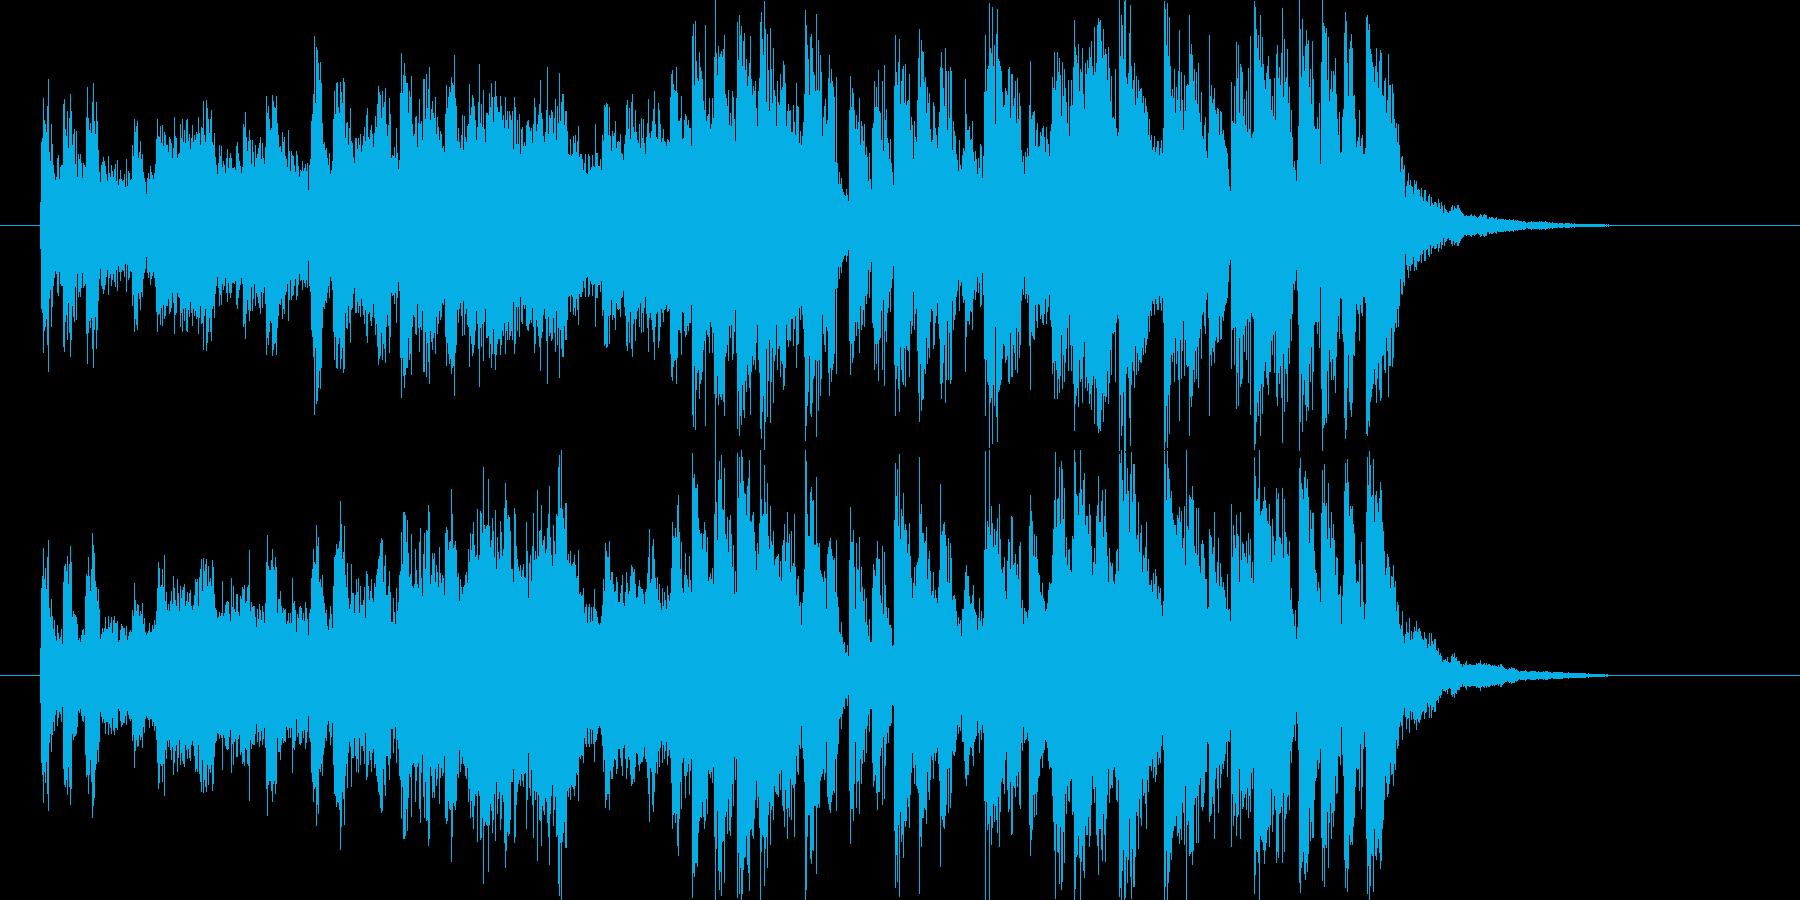 躍動感ある軽快なシンセポップジングルの再生済みの波形